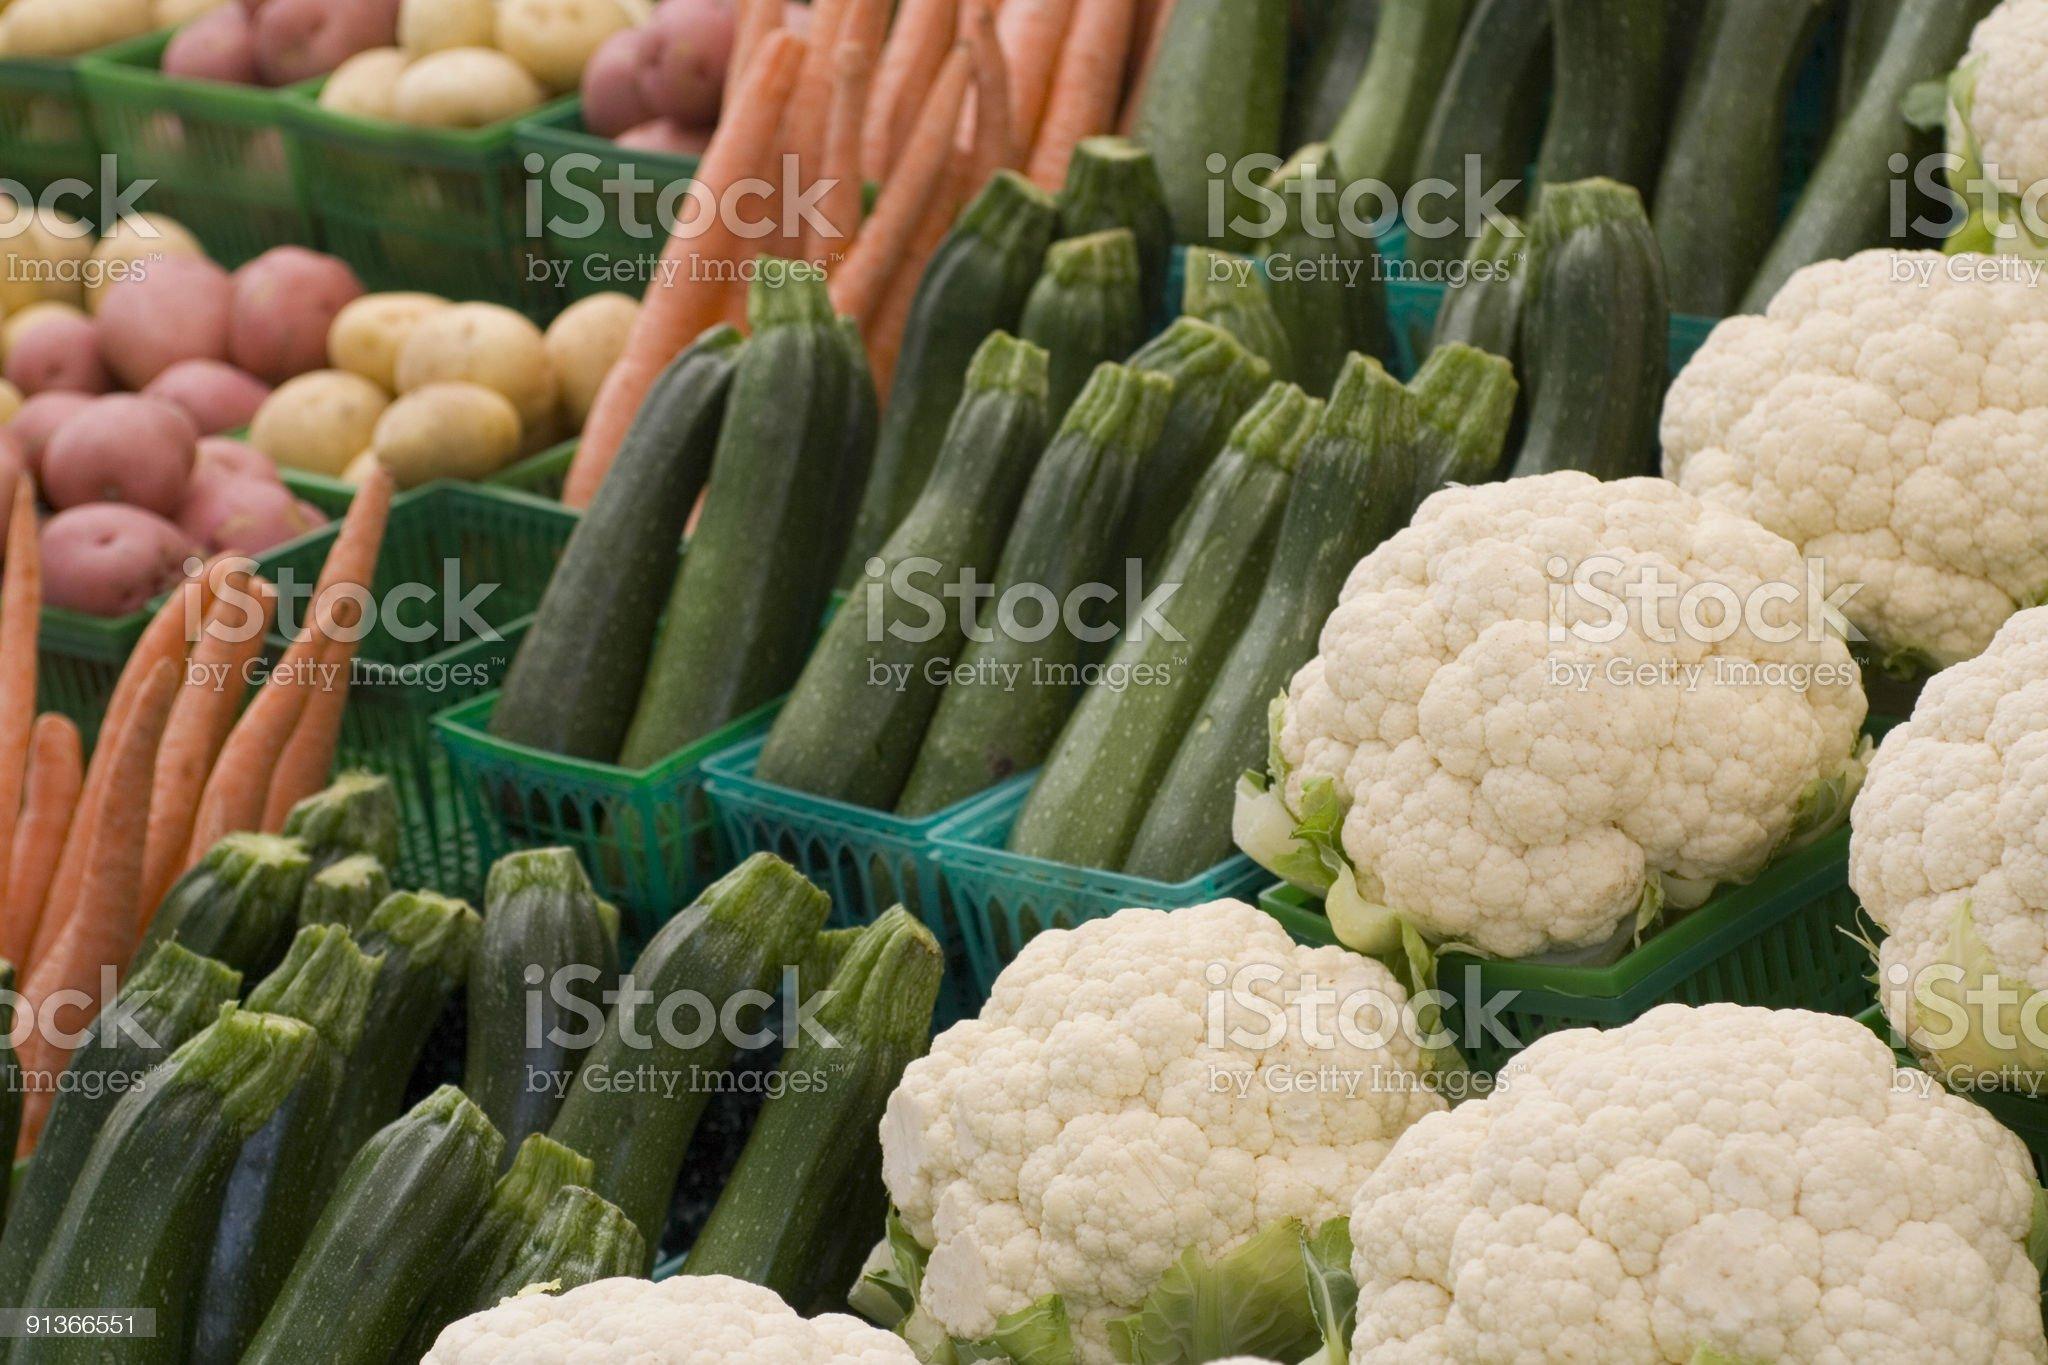 Cauliflower and Zucchini royalty-free stock photo